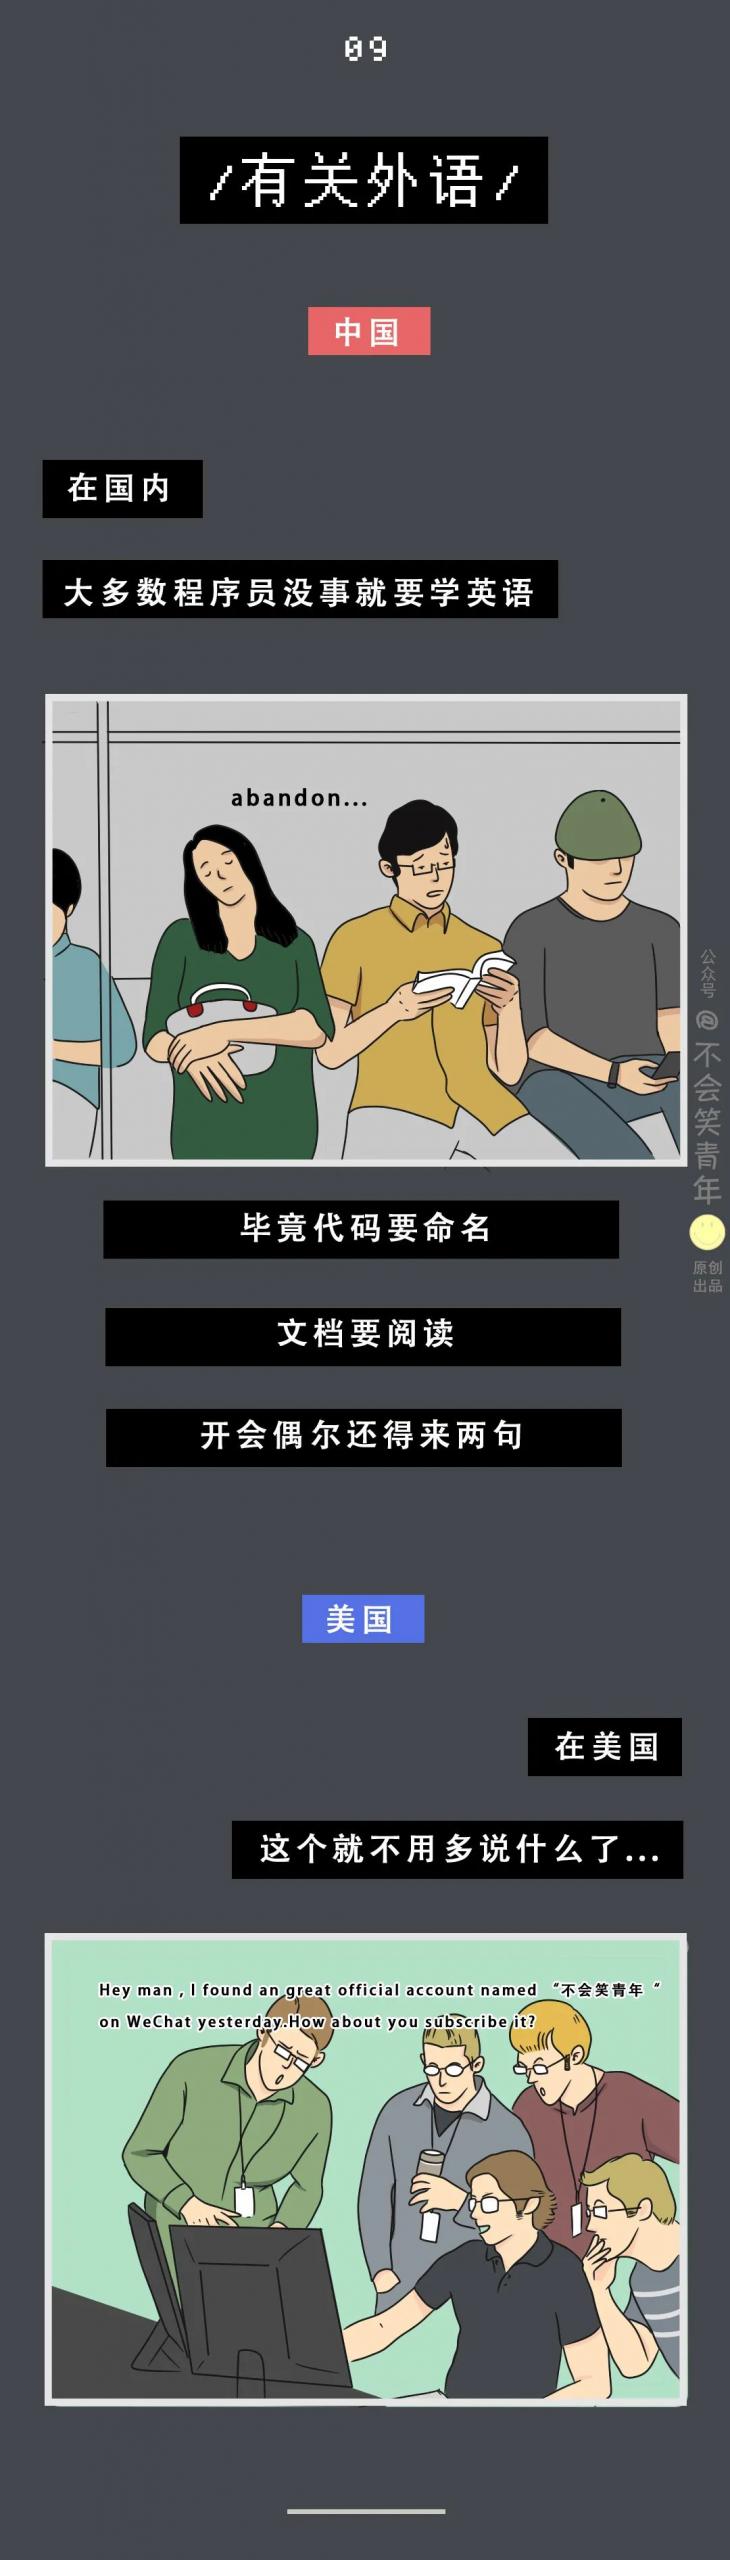 中国程序员VS美国程序员,这也太形象了吧...